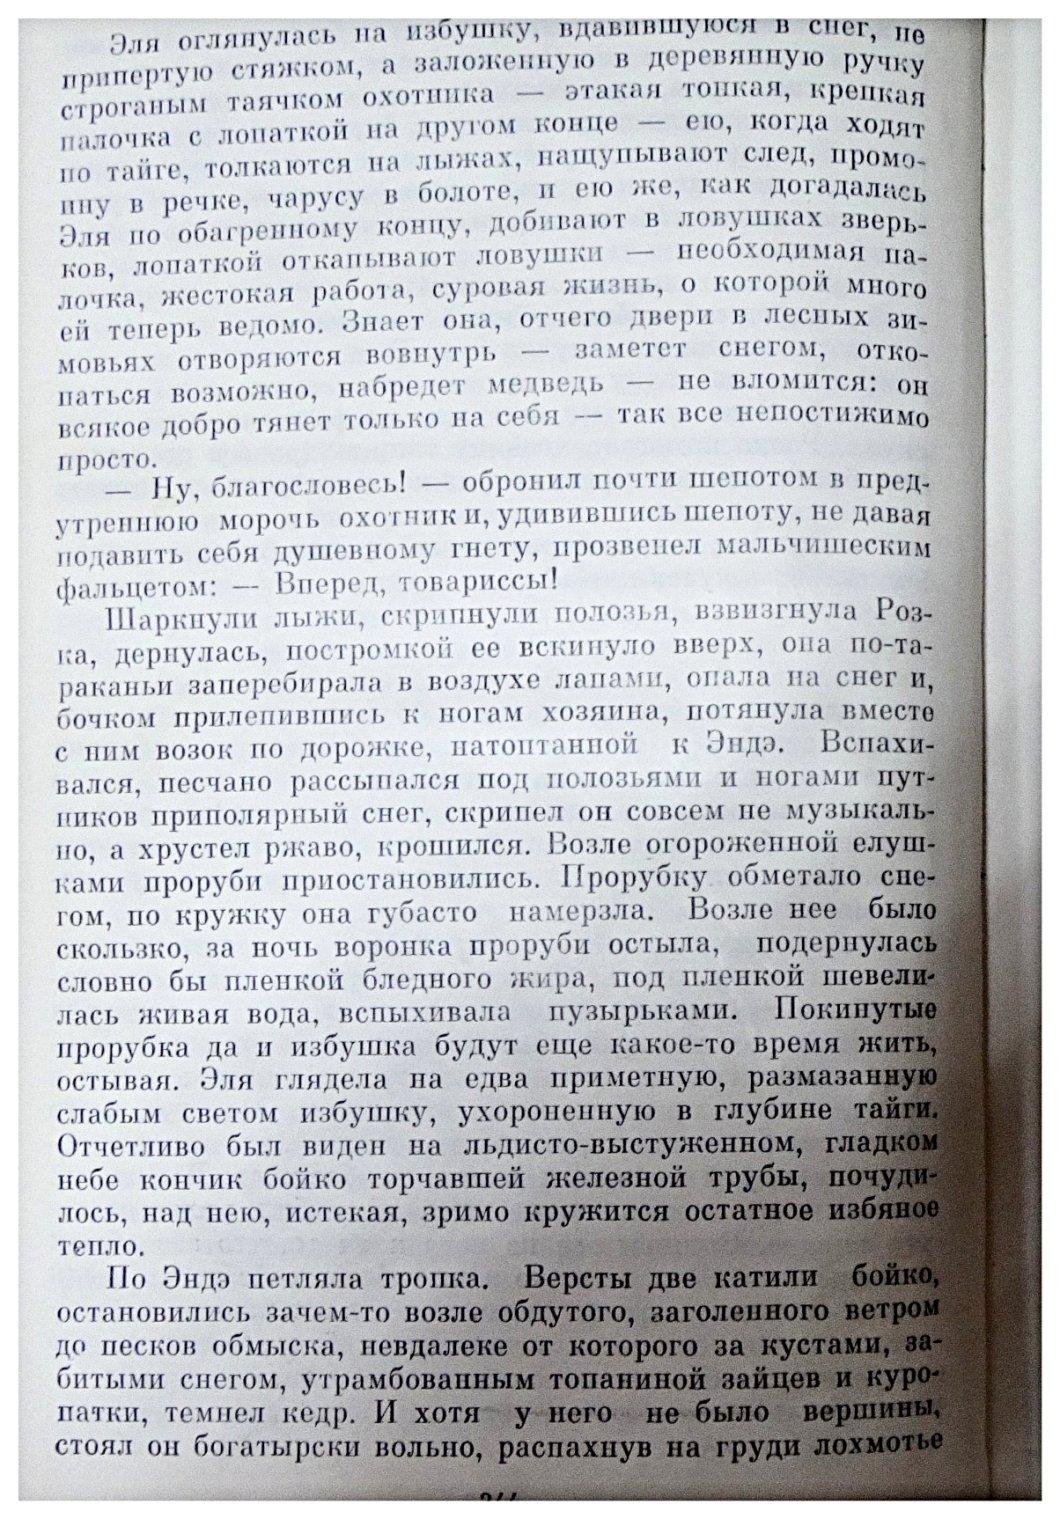 Виктор Астафьев, из книги Царь-рыба, иллюстрации, фото 006